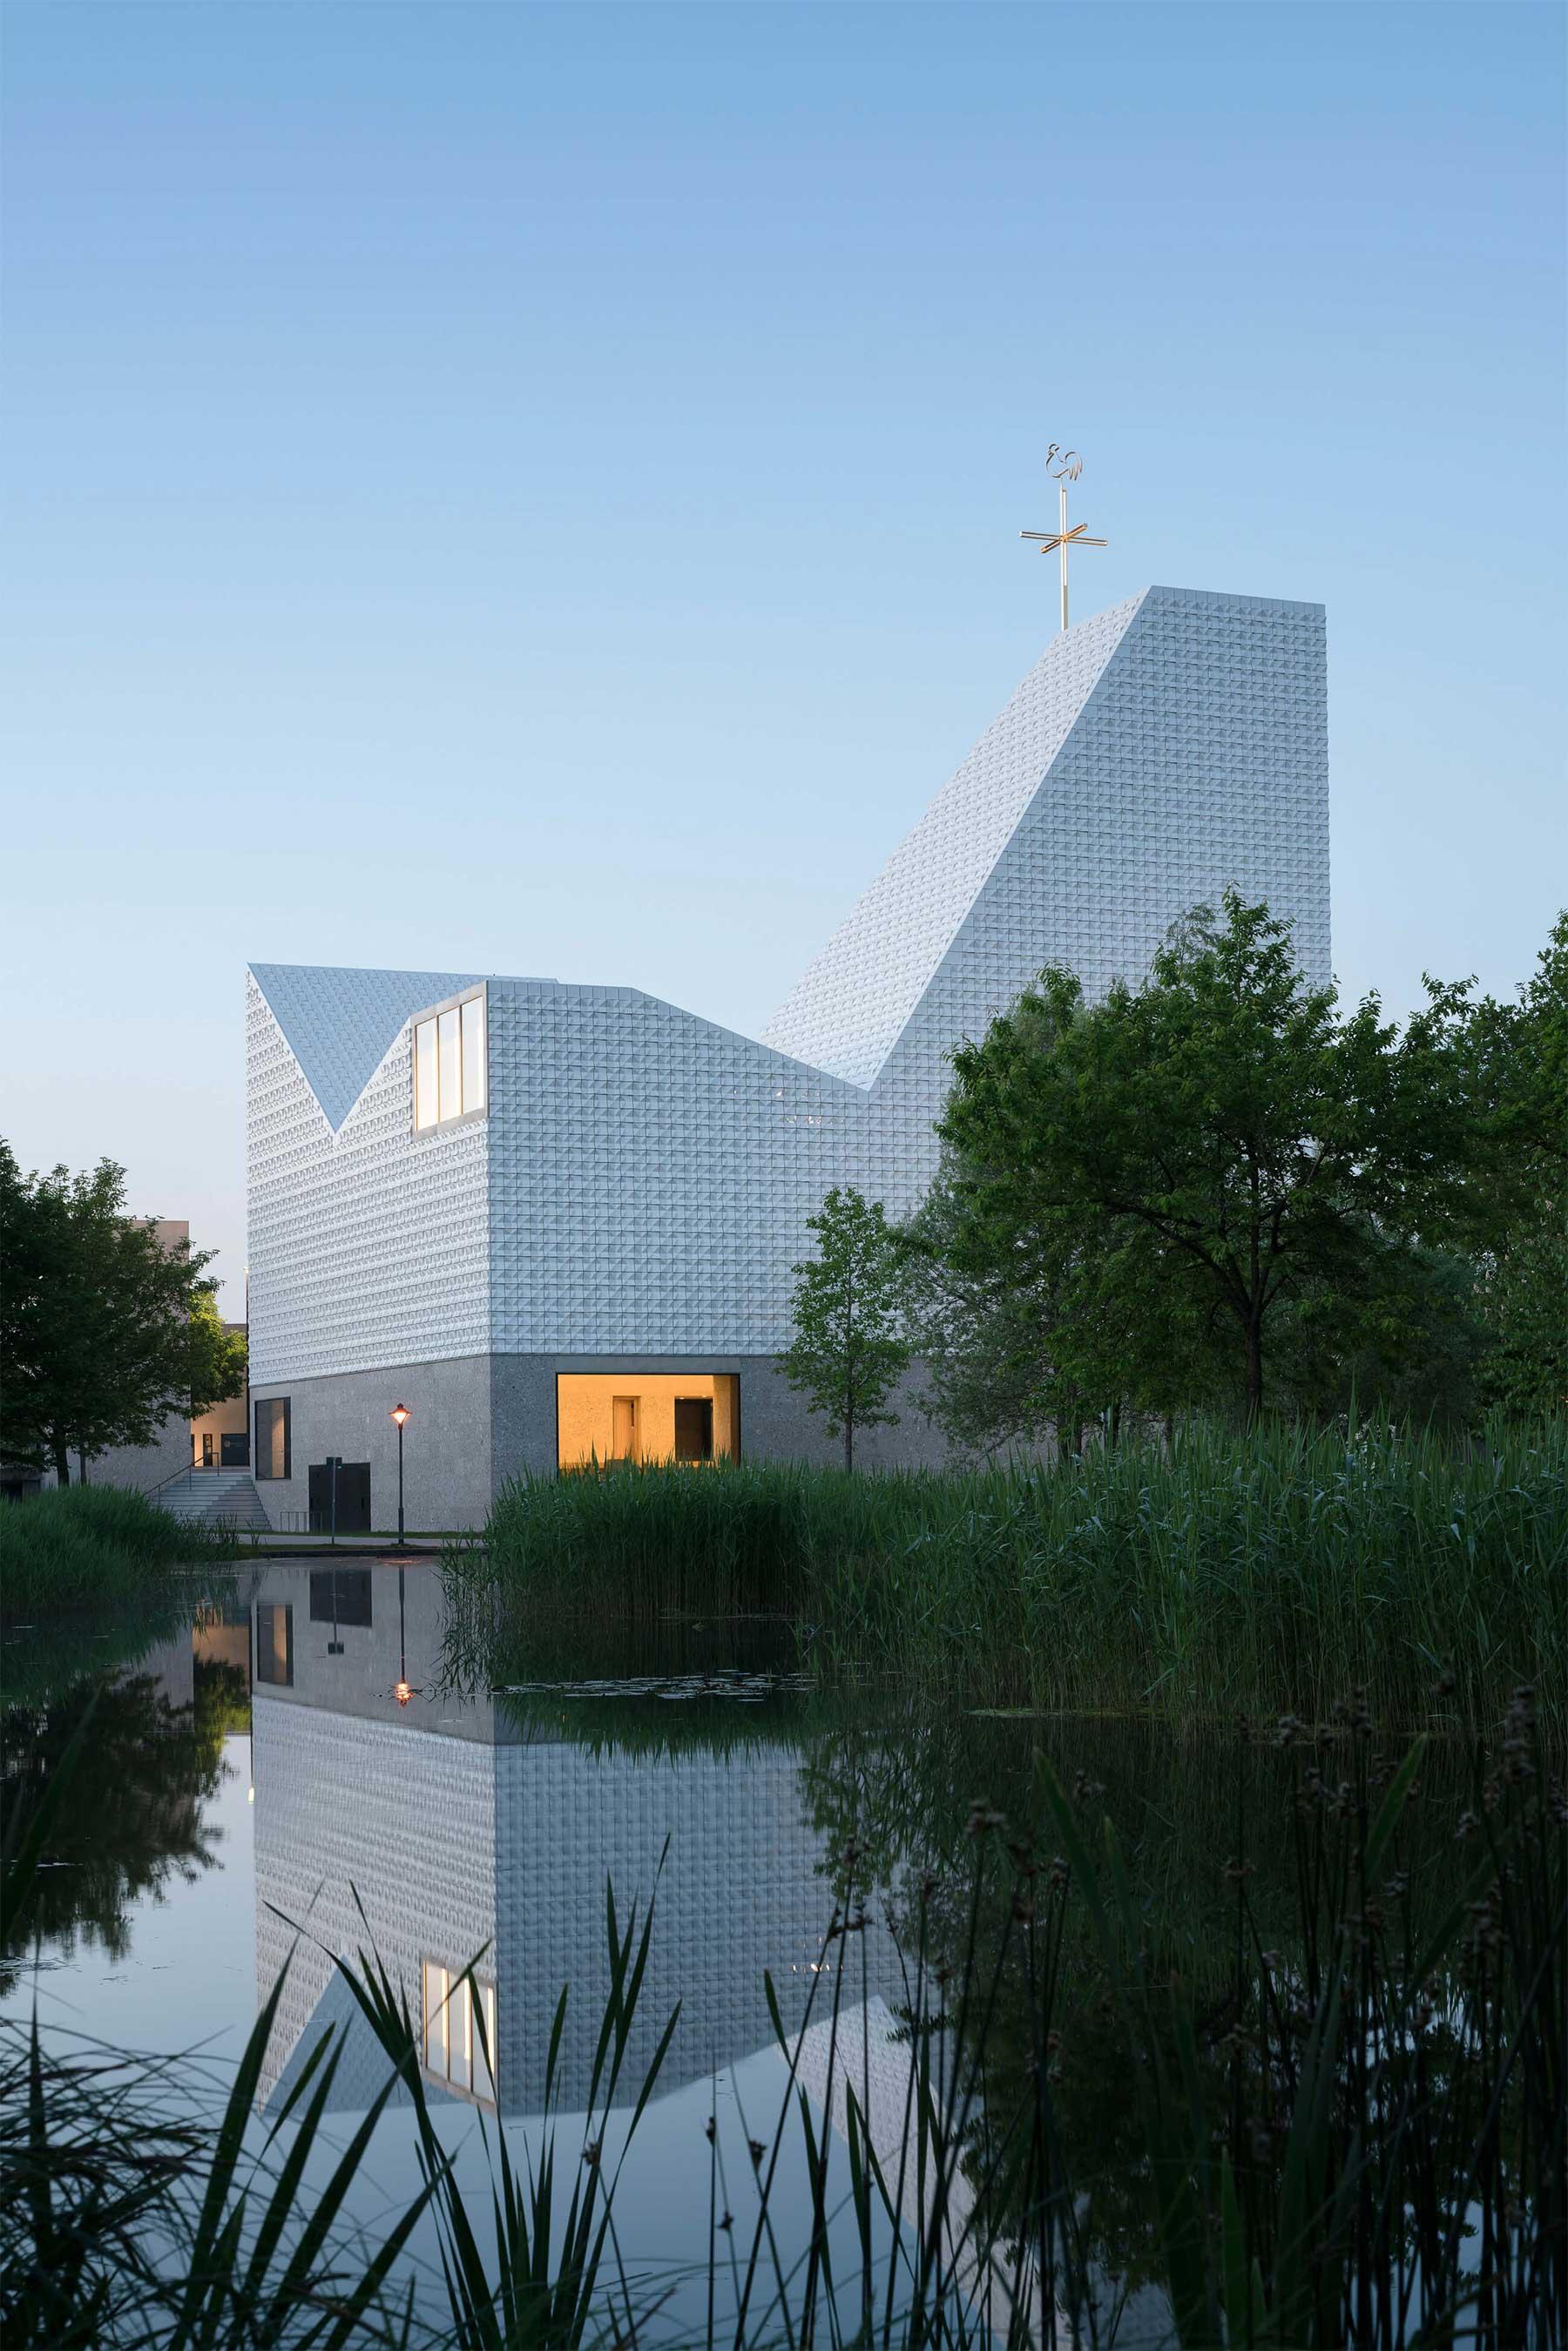 Kirchenzentrum Seliger Pater Rupert Mayer Kirchenzentrum-Seliger-Pater-Rupert-Mayer_03